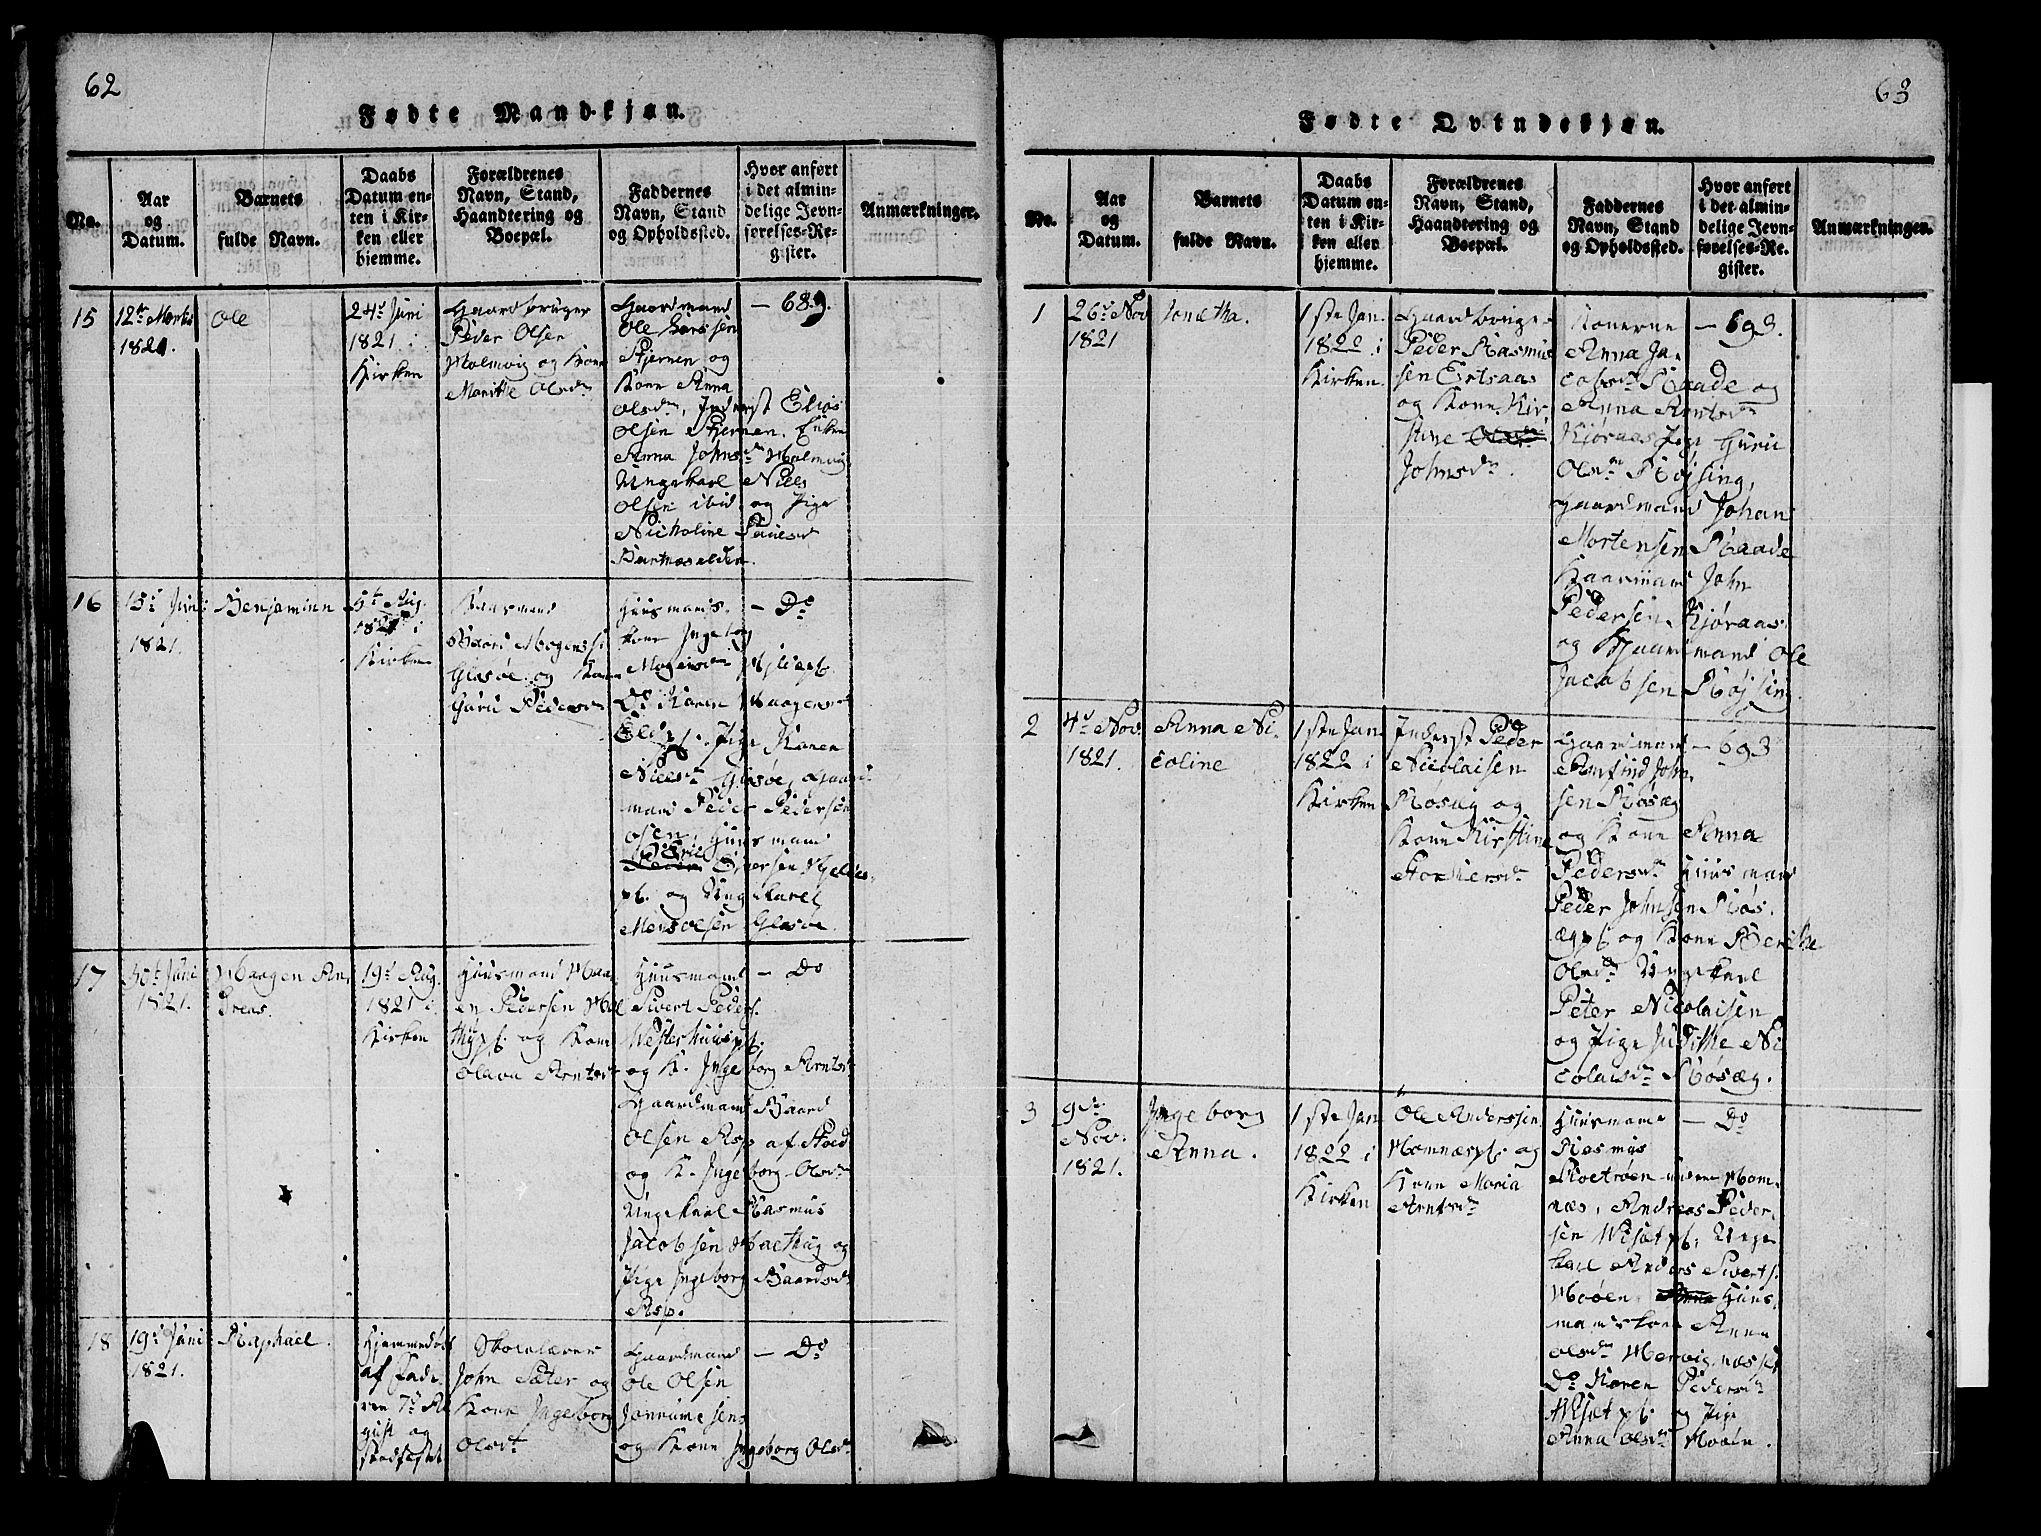 SAT, Ministerialprotokoller, klokkerbøker og fødselsregistre - Nord-Trøndelag, 741/L0400: Klokkerbok nr. 741C01, 1817-1825, s. 62-63